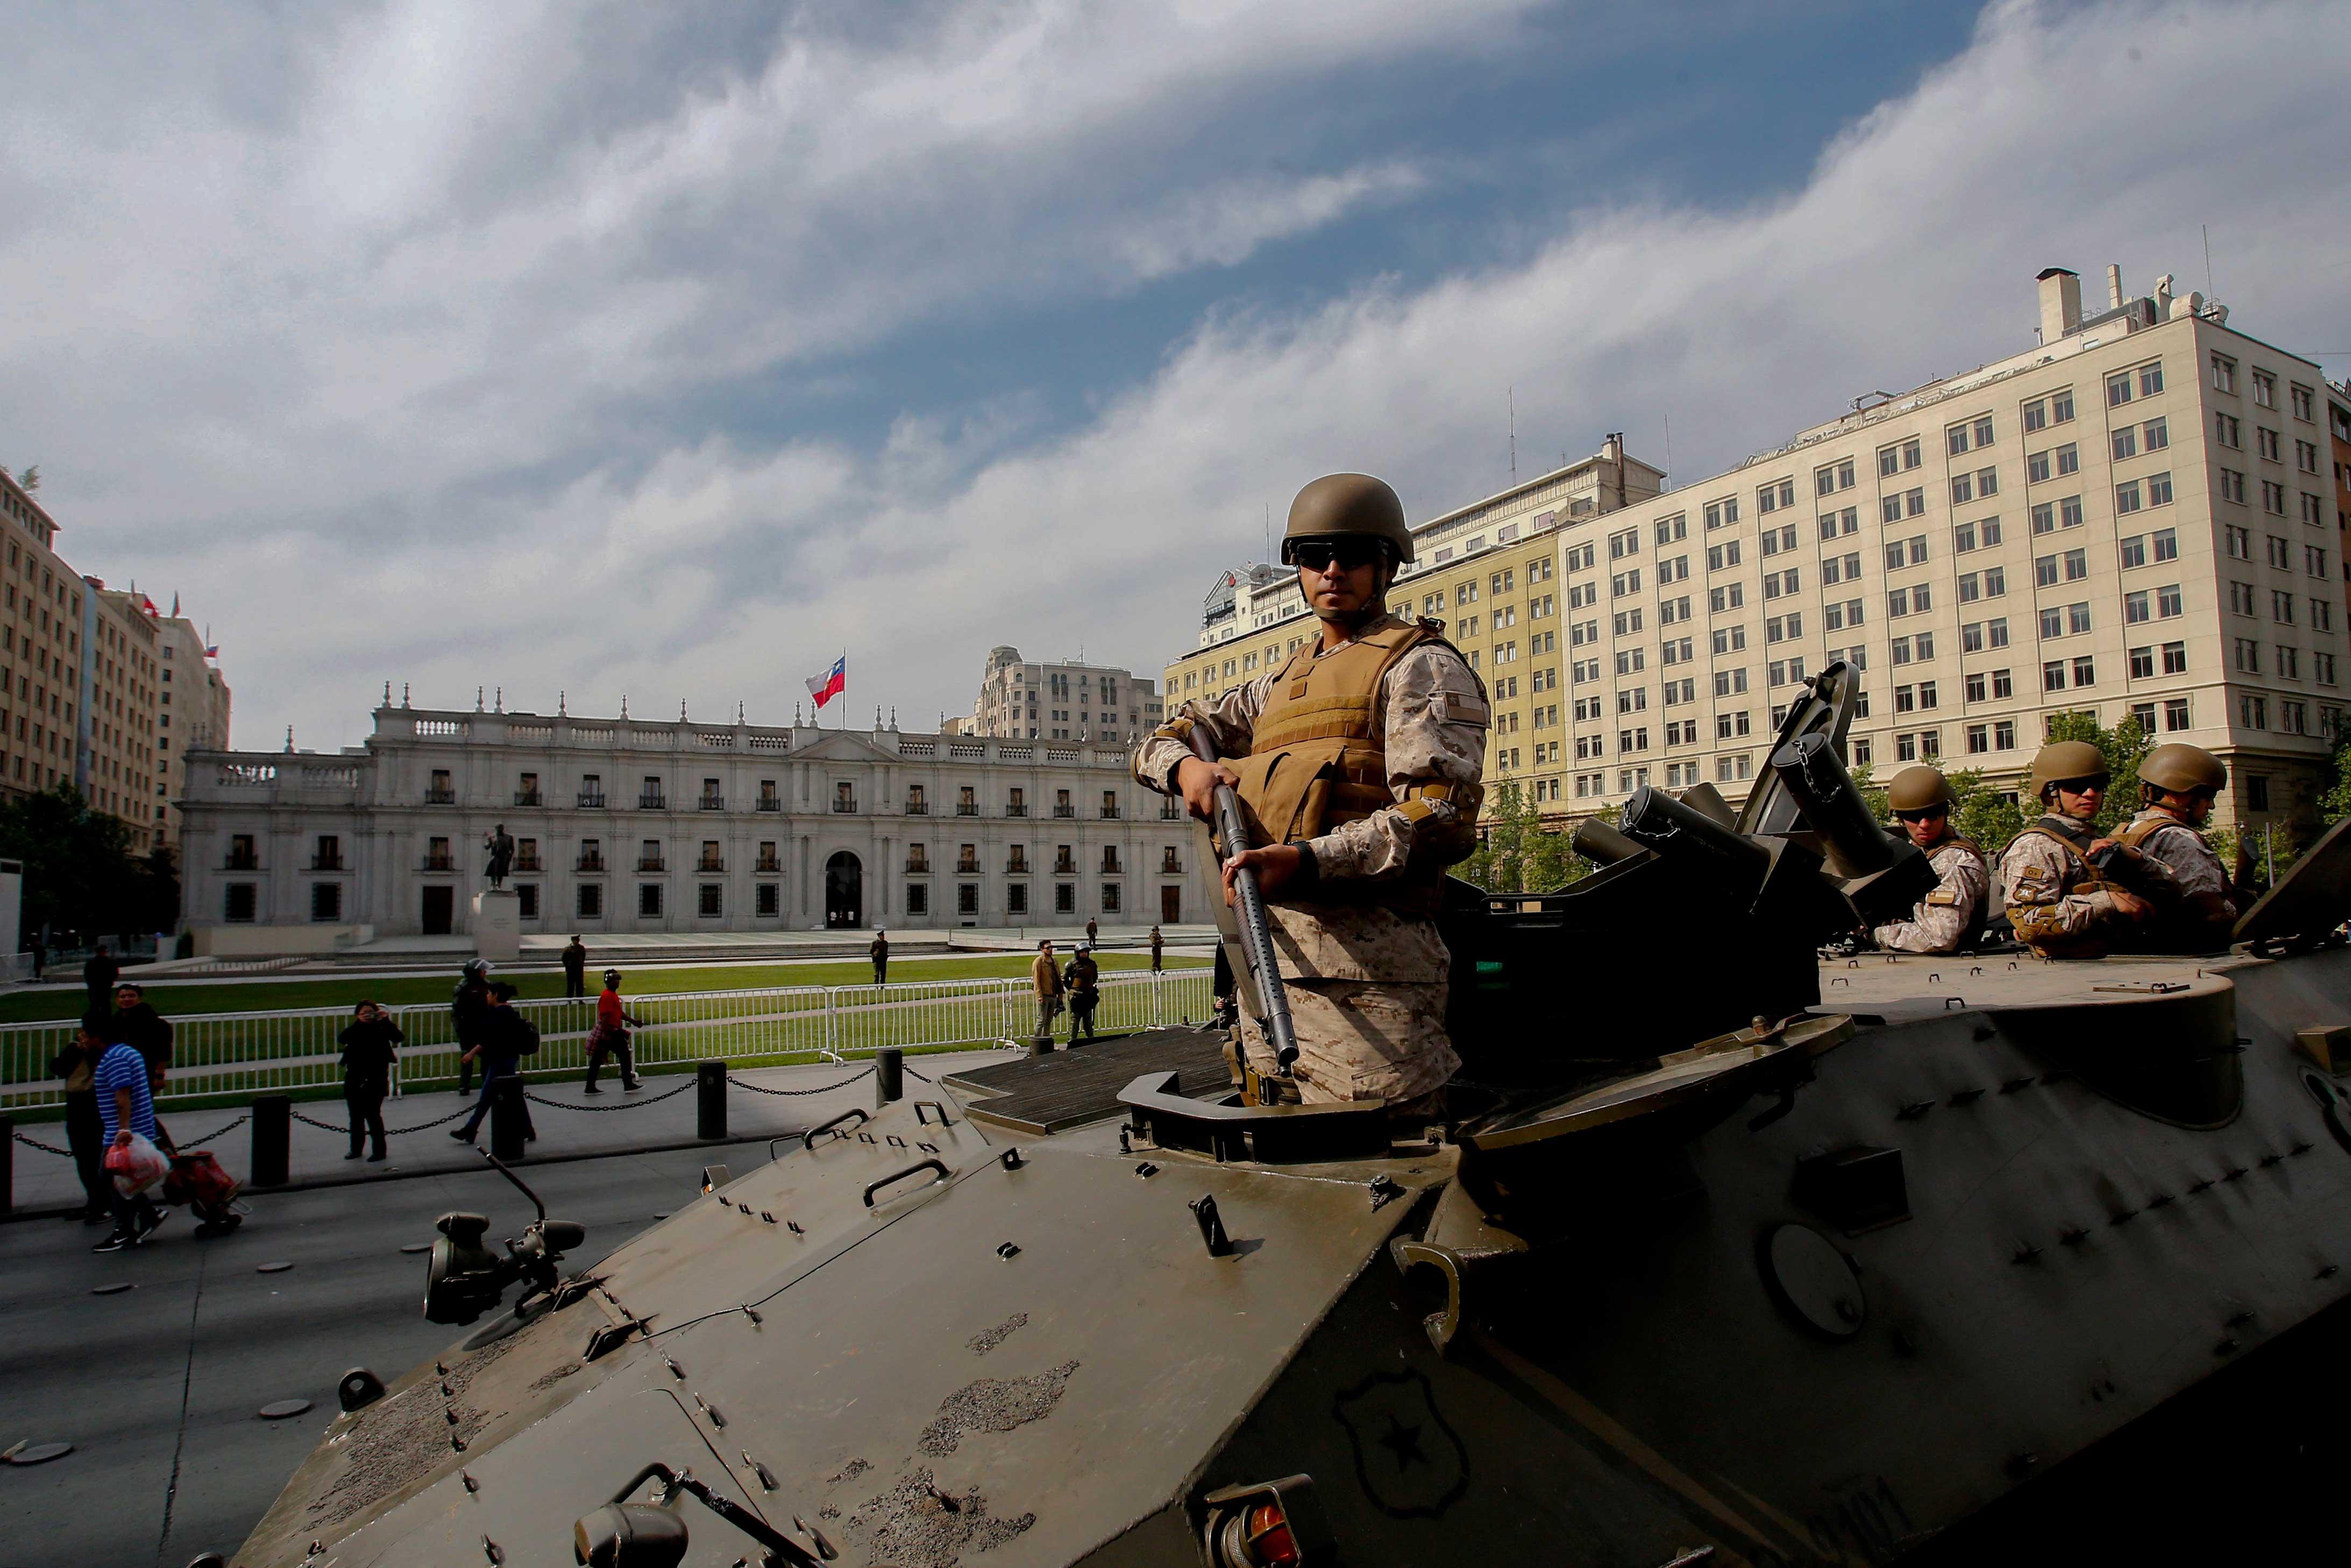 Un tanque militar estacionado afuera de la Casa de la Moneda, sede del poder ejecutivo chileno.